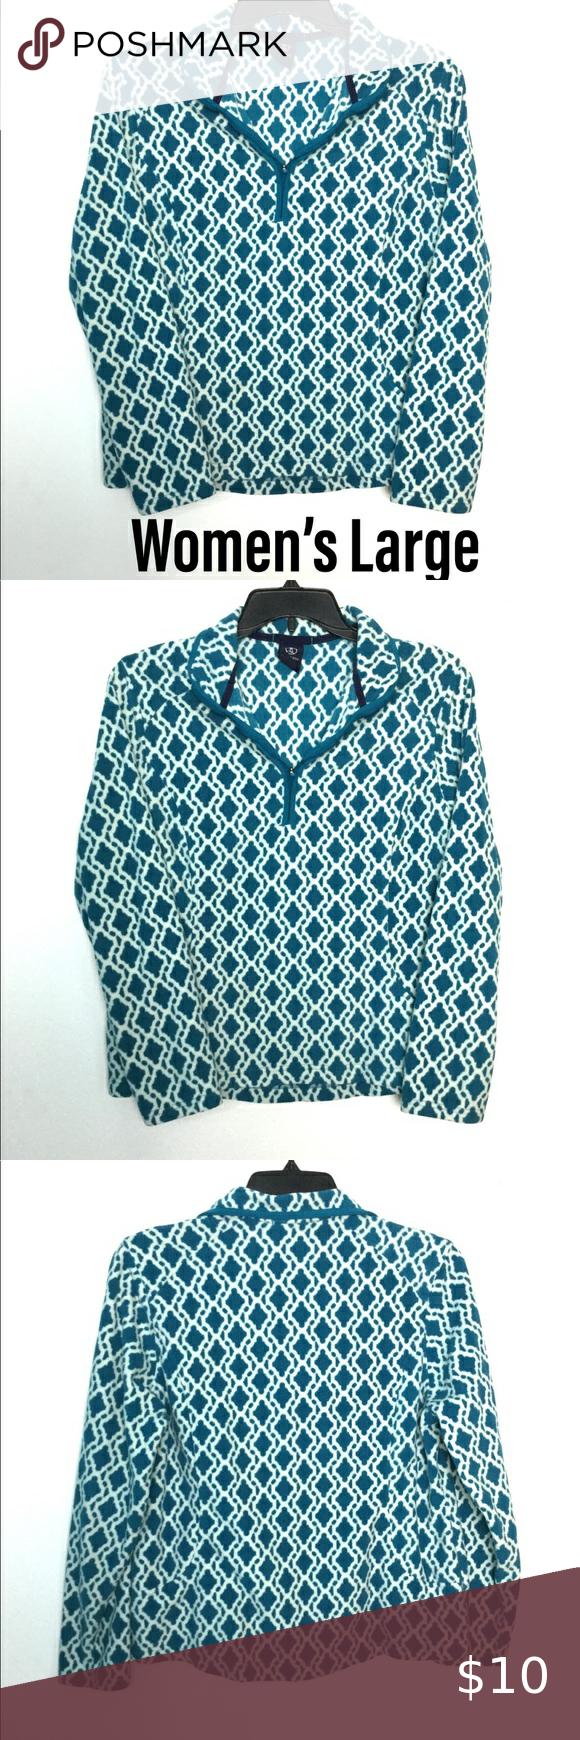 Lands End L 1 4 Zip Pullover Fleece Sweatshirt Euc Sweatshirt Fleece Sweatshirts Quarter Zip Sweatshirt [ 1740 x 580 Pixel ]